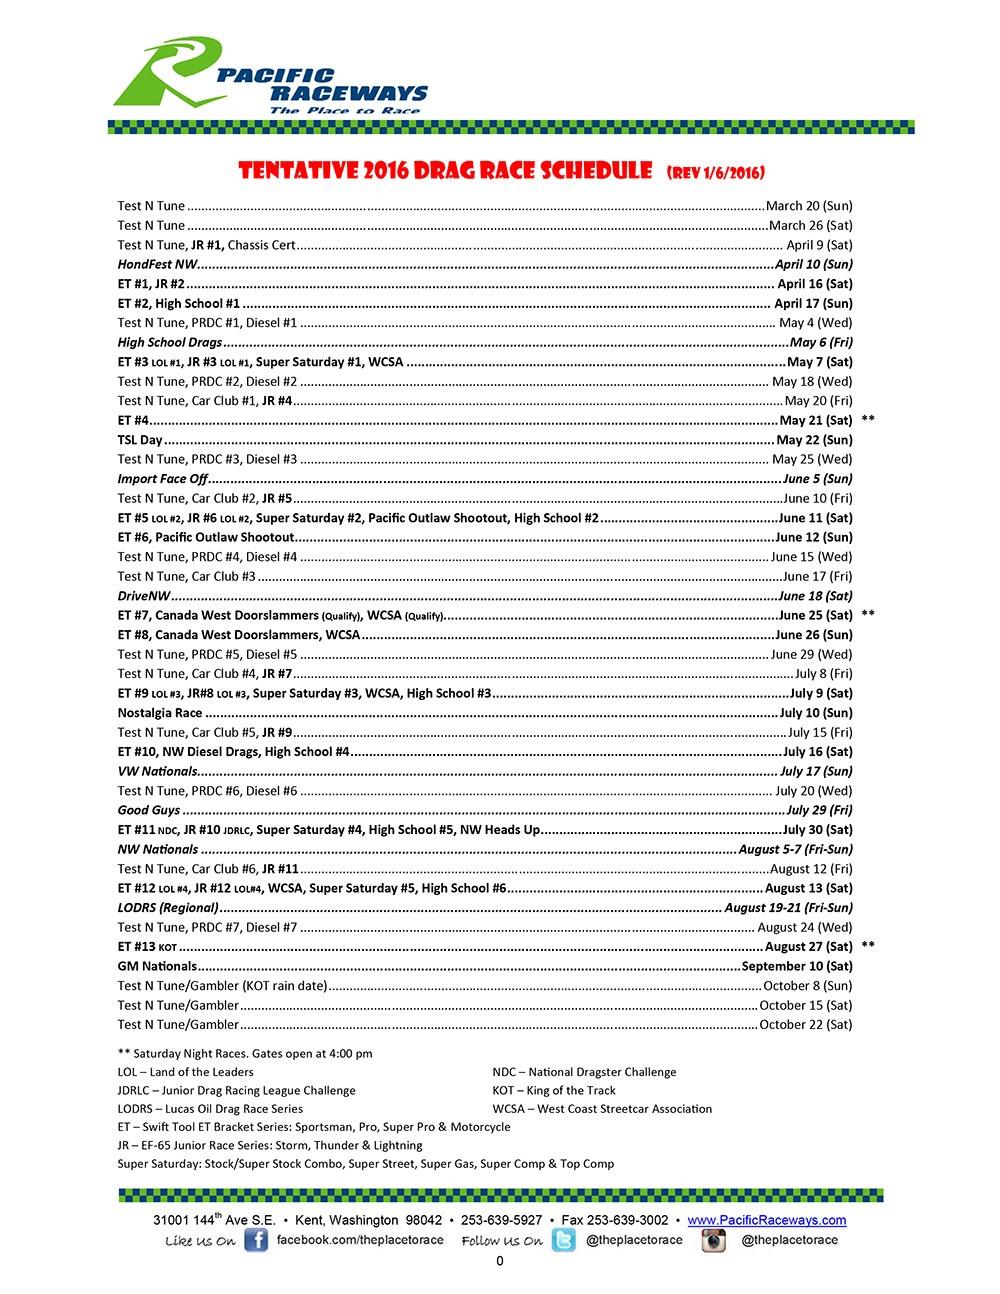 microsoft schedules